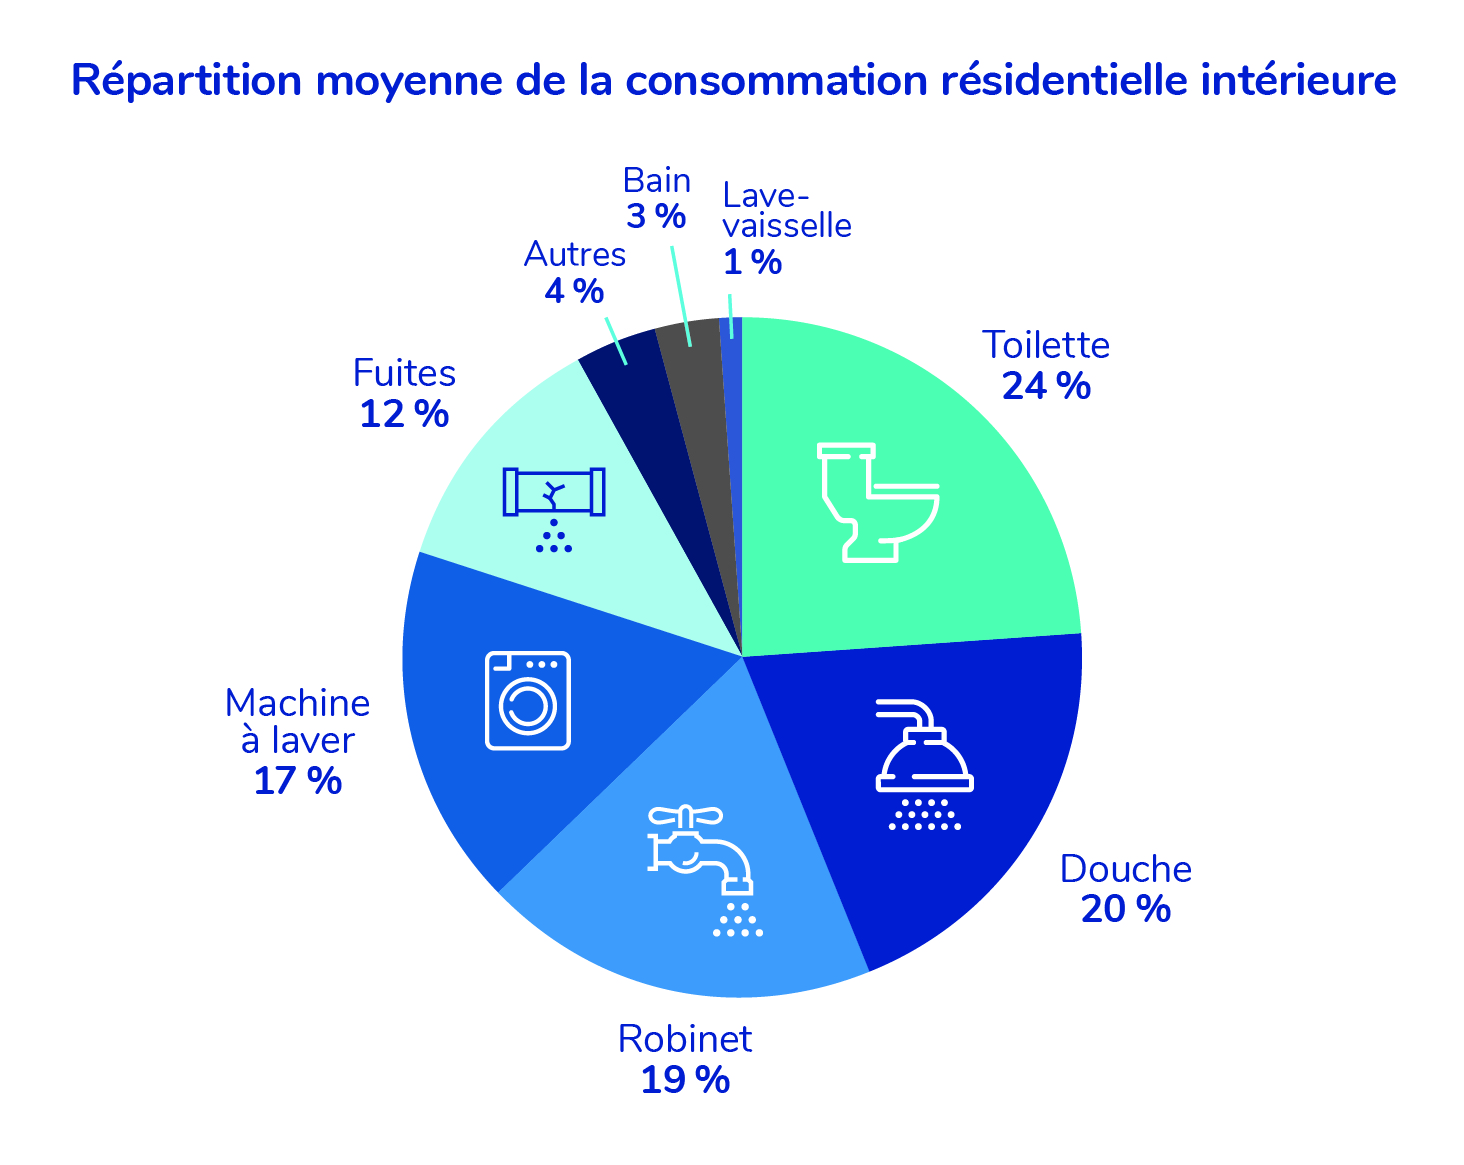 Répartition Moyenne de la consommation résidentiélle intérieure: Lave-vaisselle 1%, bain 3%, Autres 4%, Fuites 12%, Machine à laver 17%, Robinet 19%, douche 20%, toilette 24%.